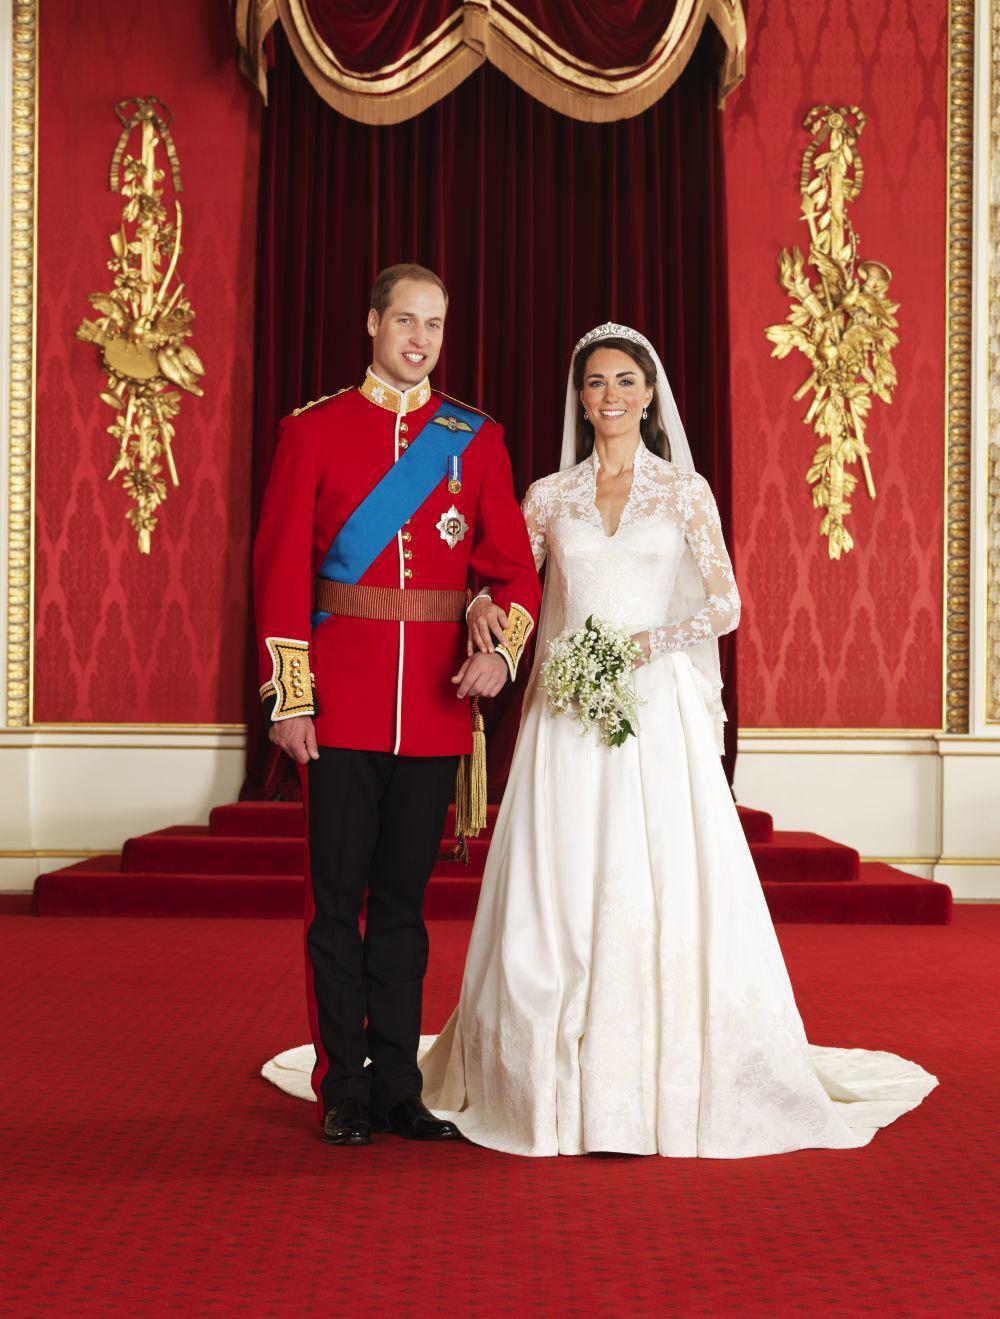 Te puede interesar: Los vestidos de novia más espectaculares de la realeza